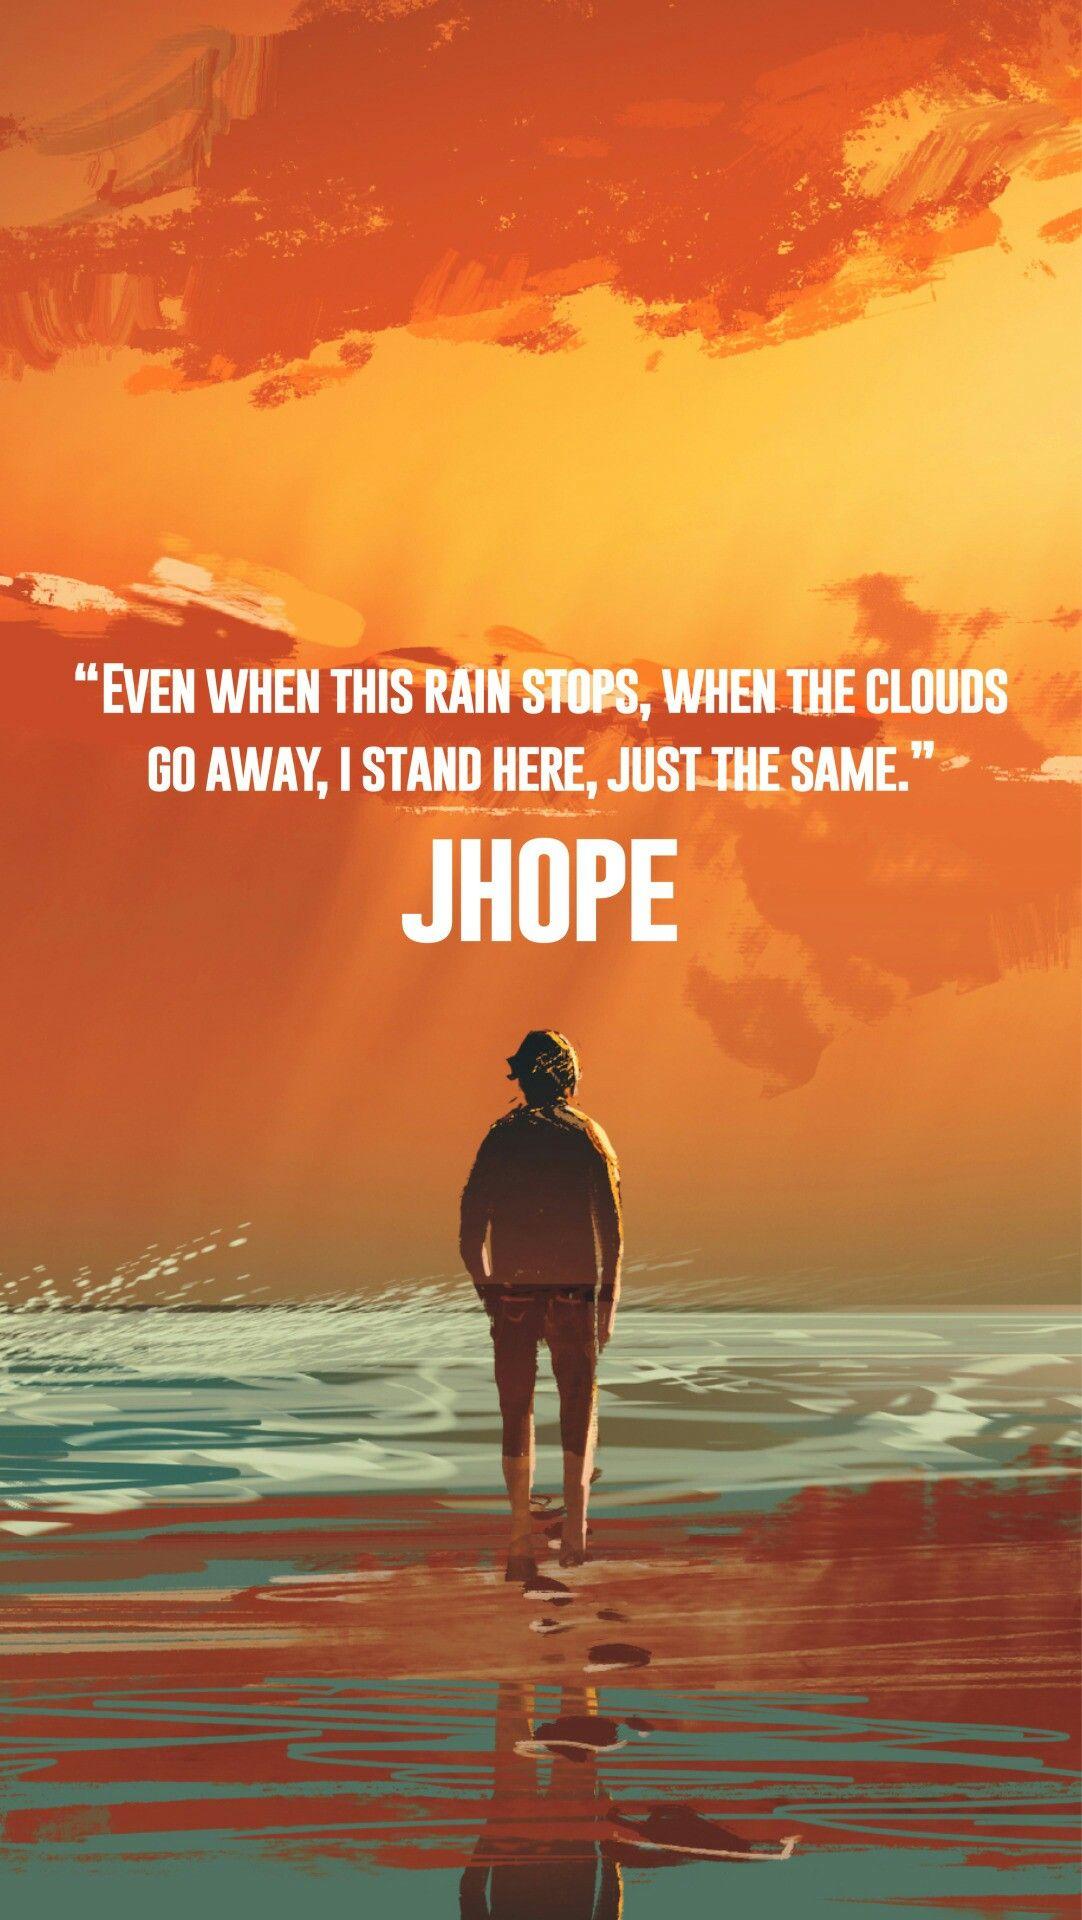 JHope Wallpaper Bts quotes, Bts qoutes, Bts wallpaper